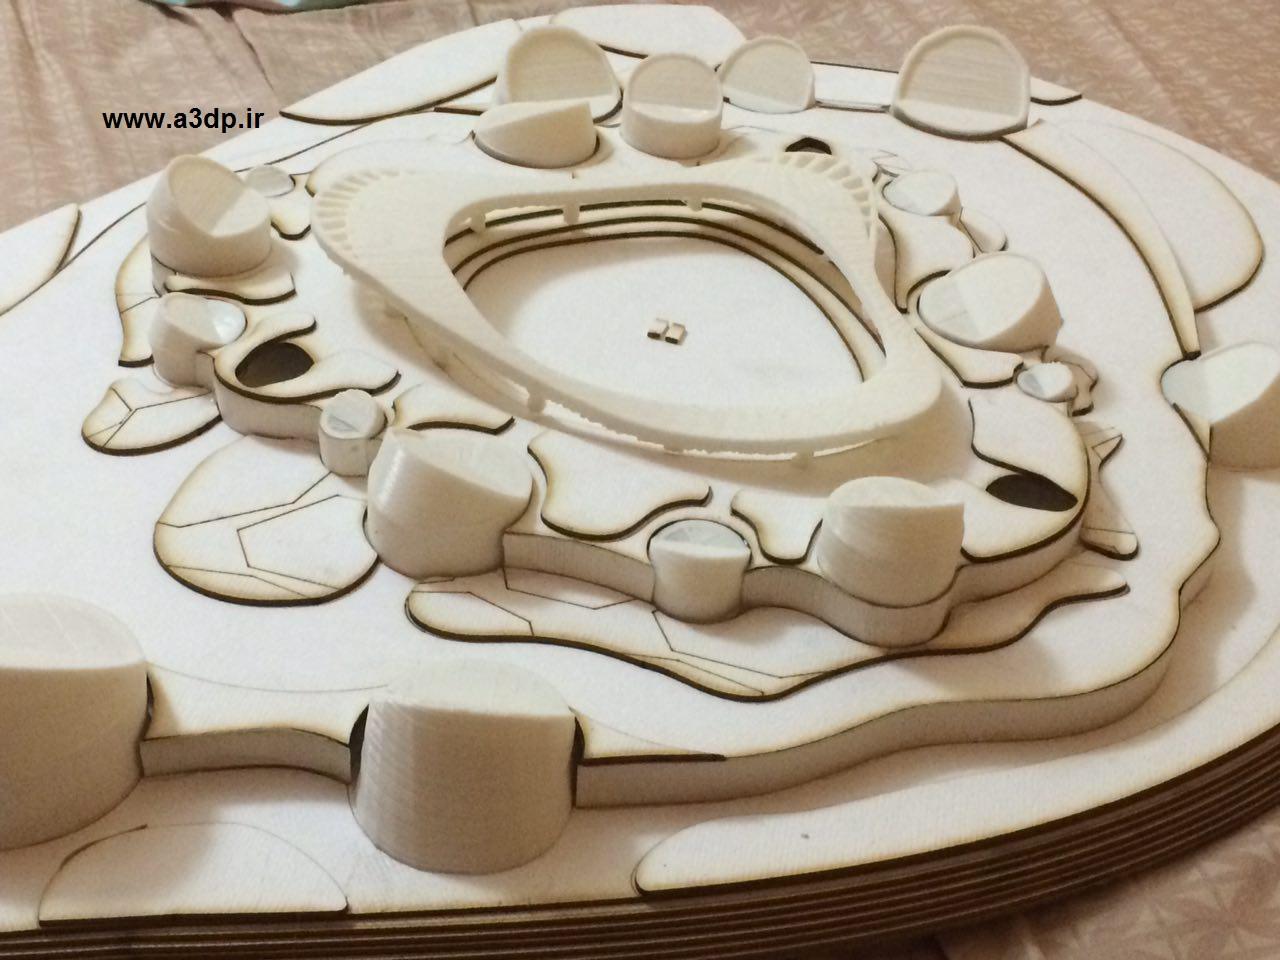 ماکت سازی با پرینتر سه بعدی